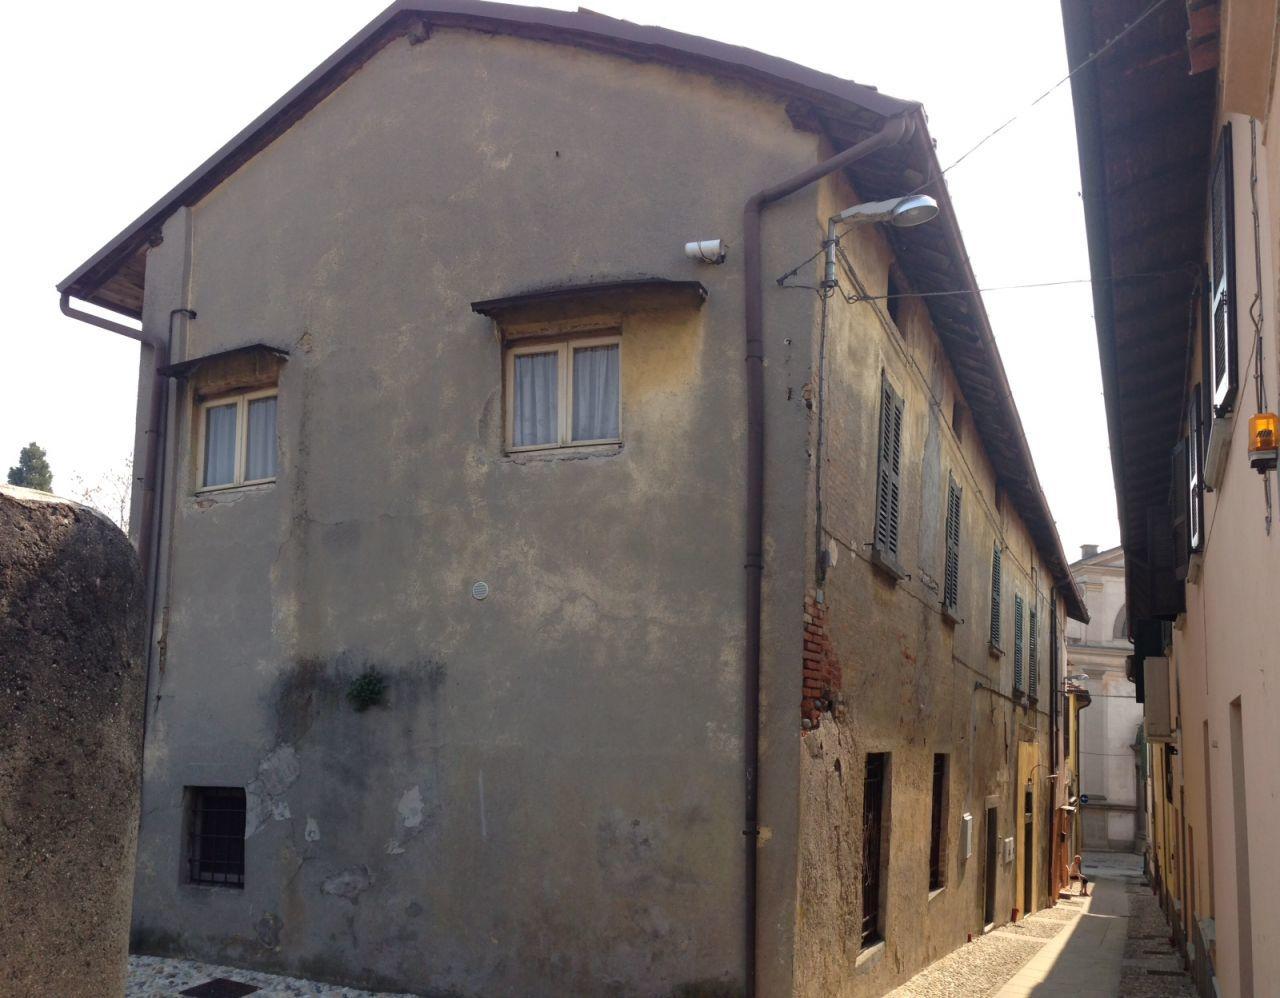 Rustico / Casale in vendita a Rovato, 4 locali, Trattative riservate | Cambio Casa.it